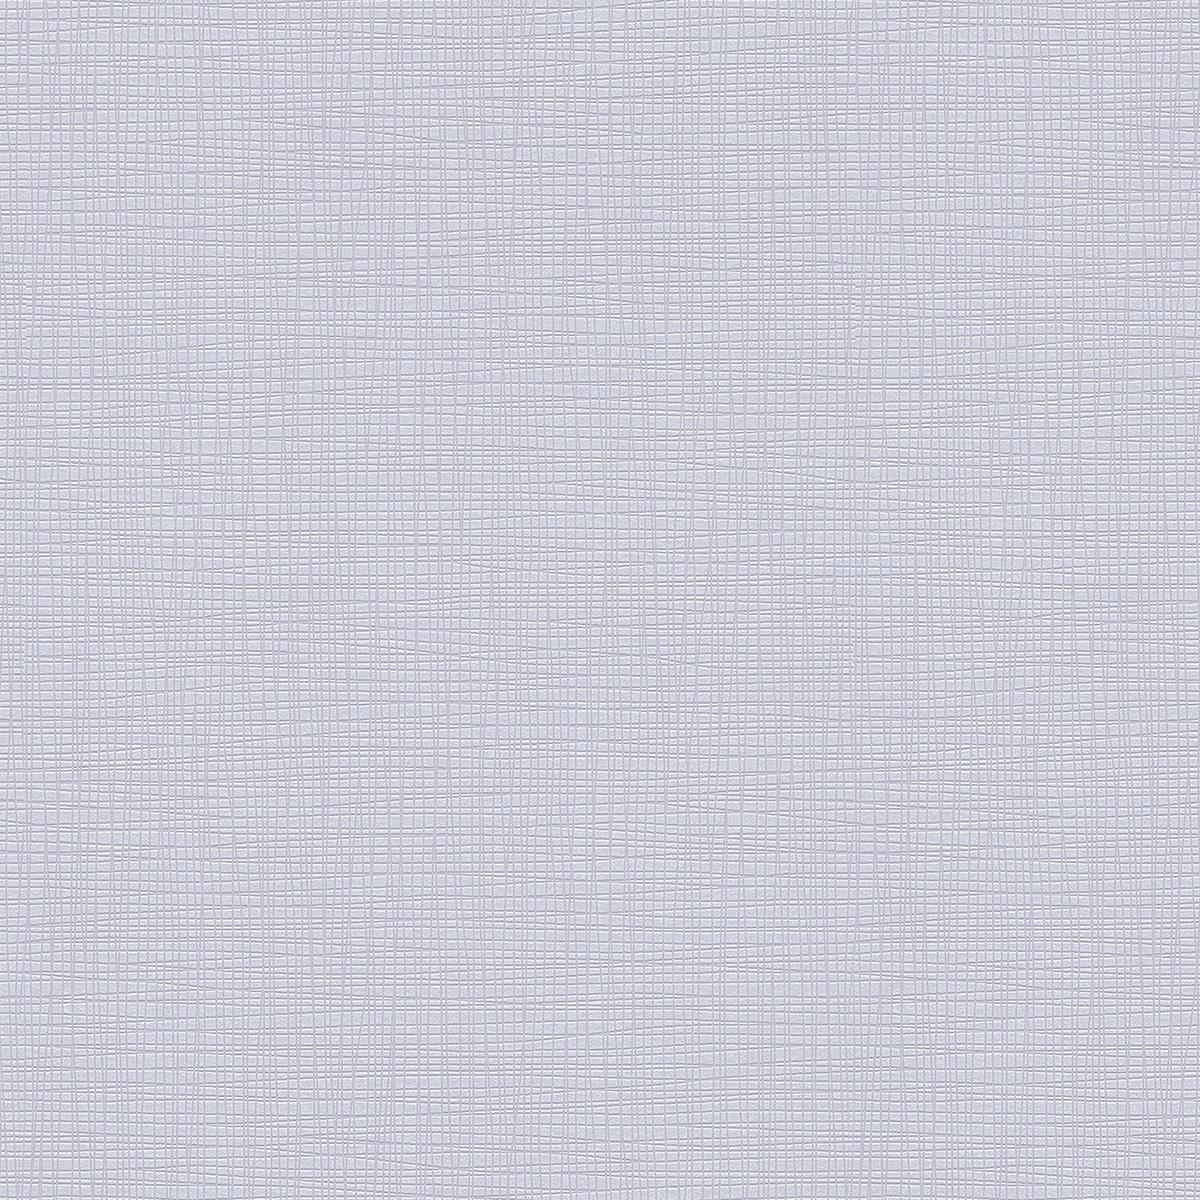 тапет Бестселър 3 мрежа сиво